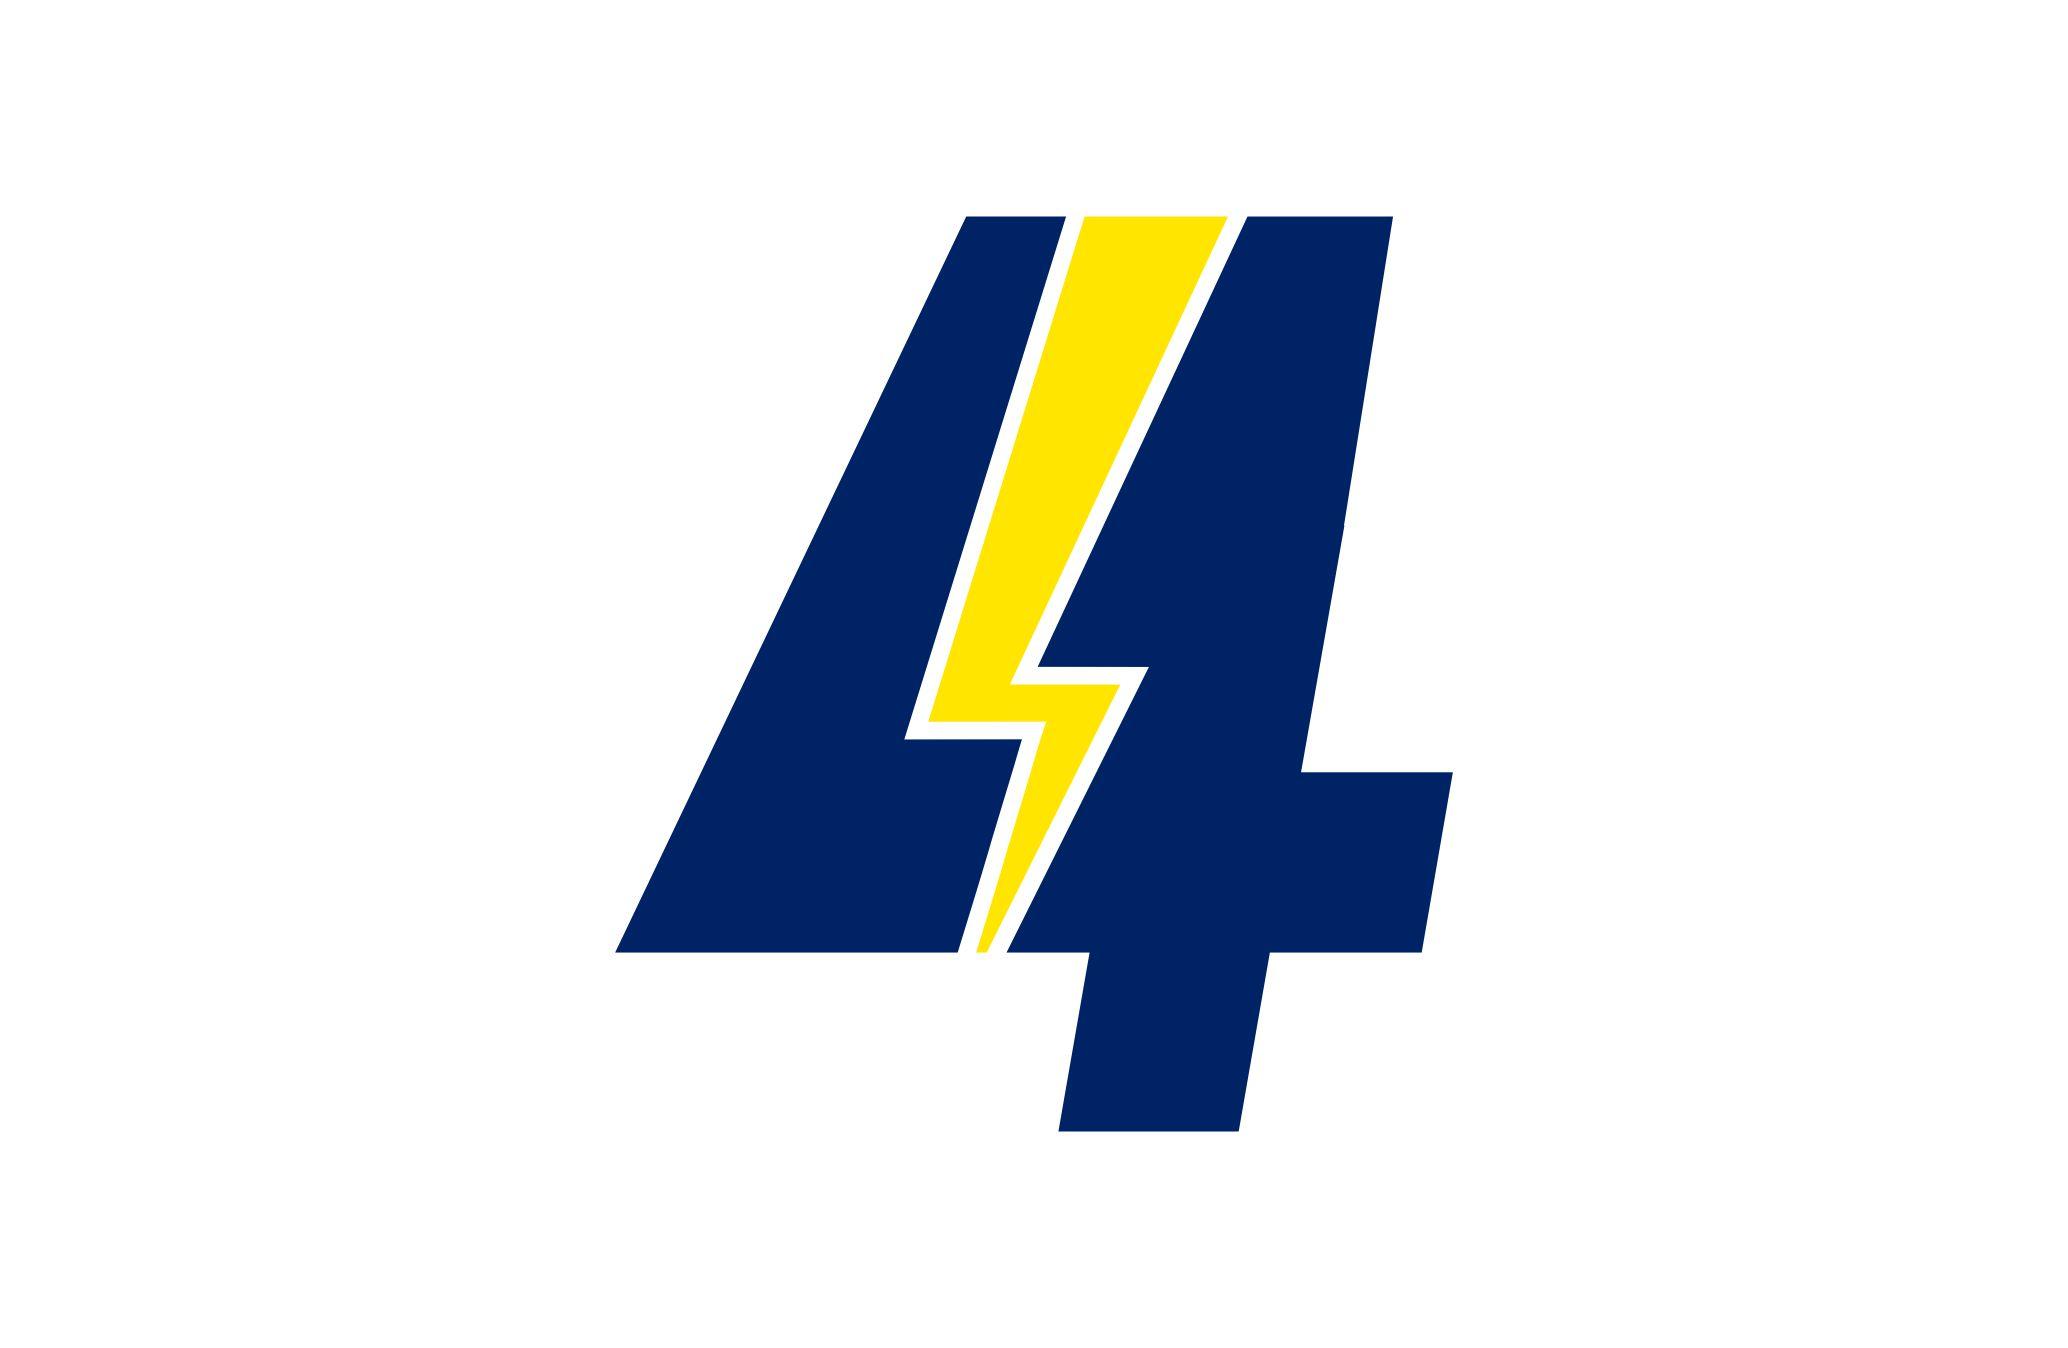 4_lightning (1)